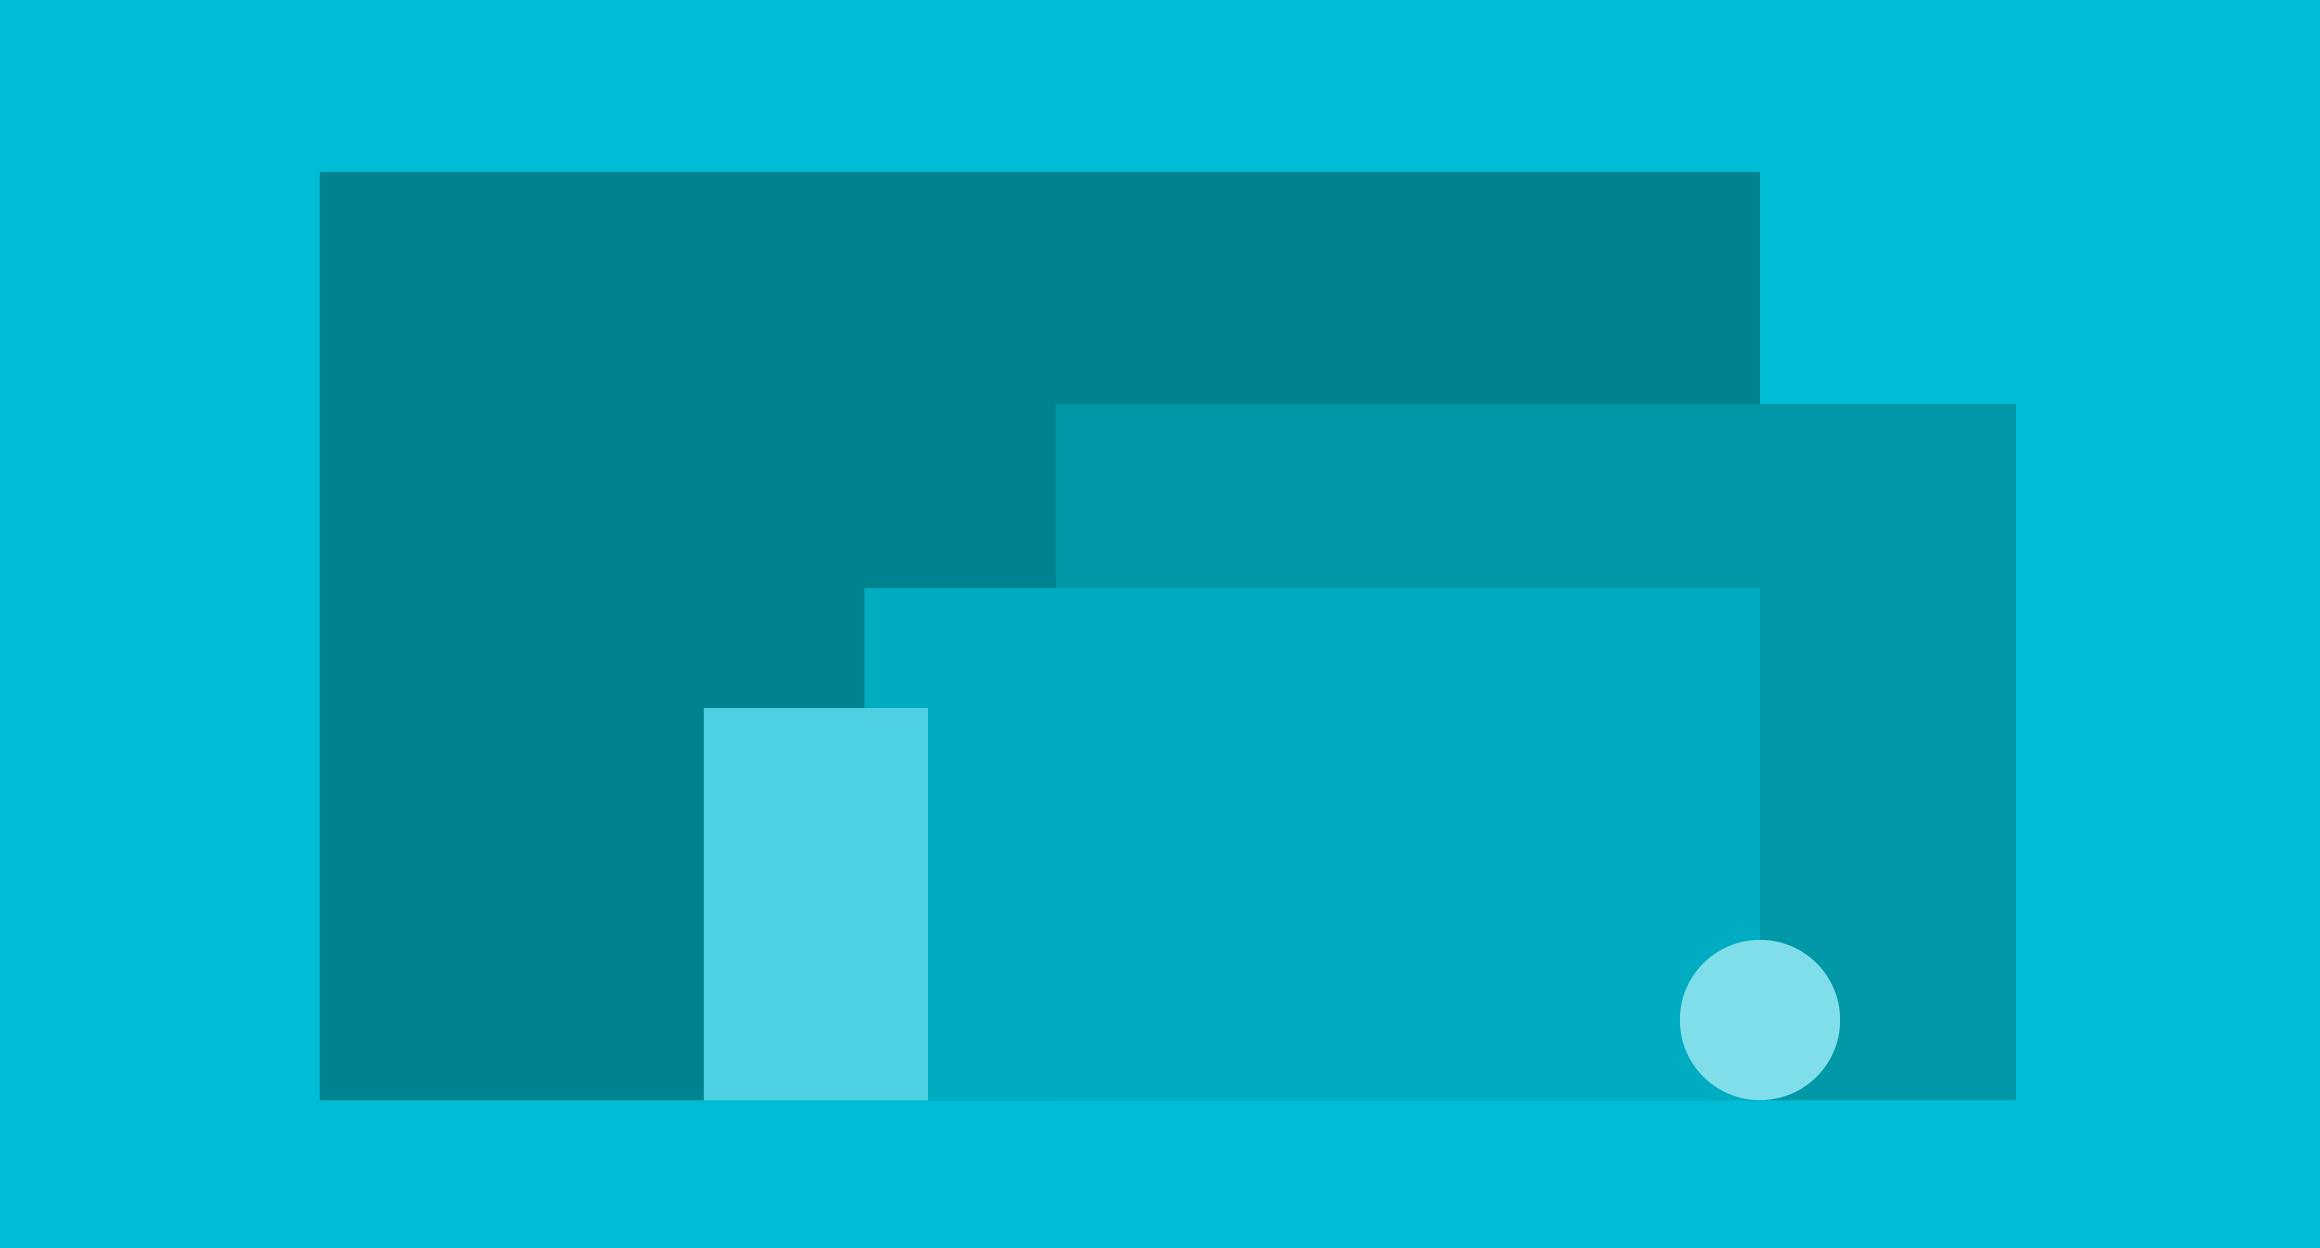 15 Free Material Design Frameworks For Developers 2018